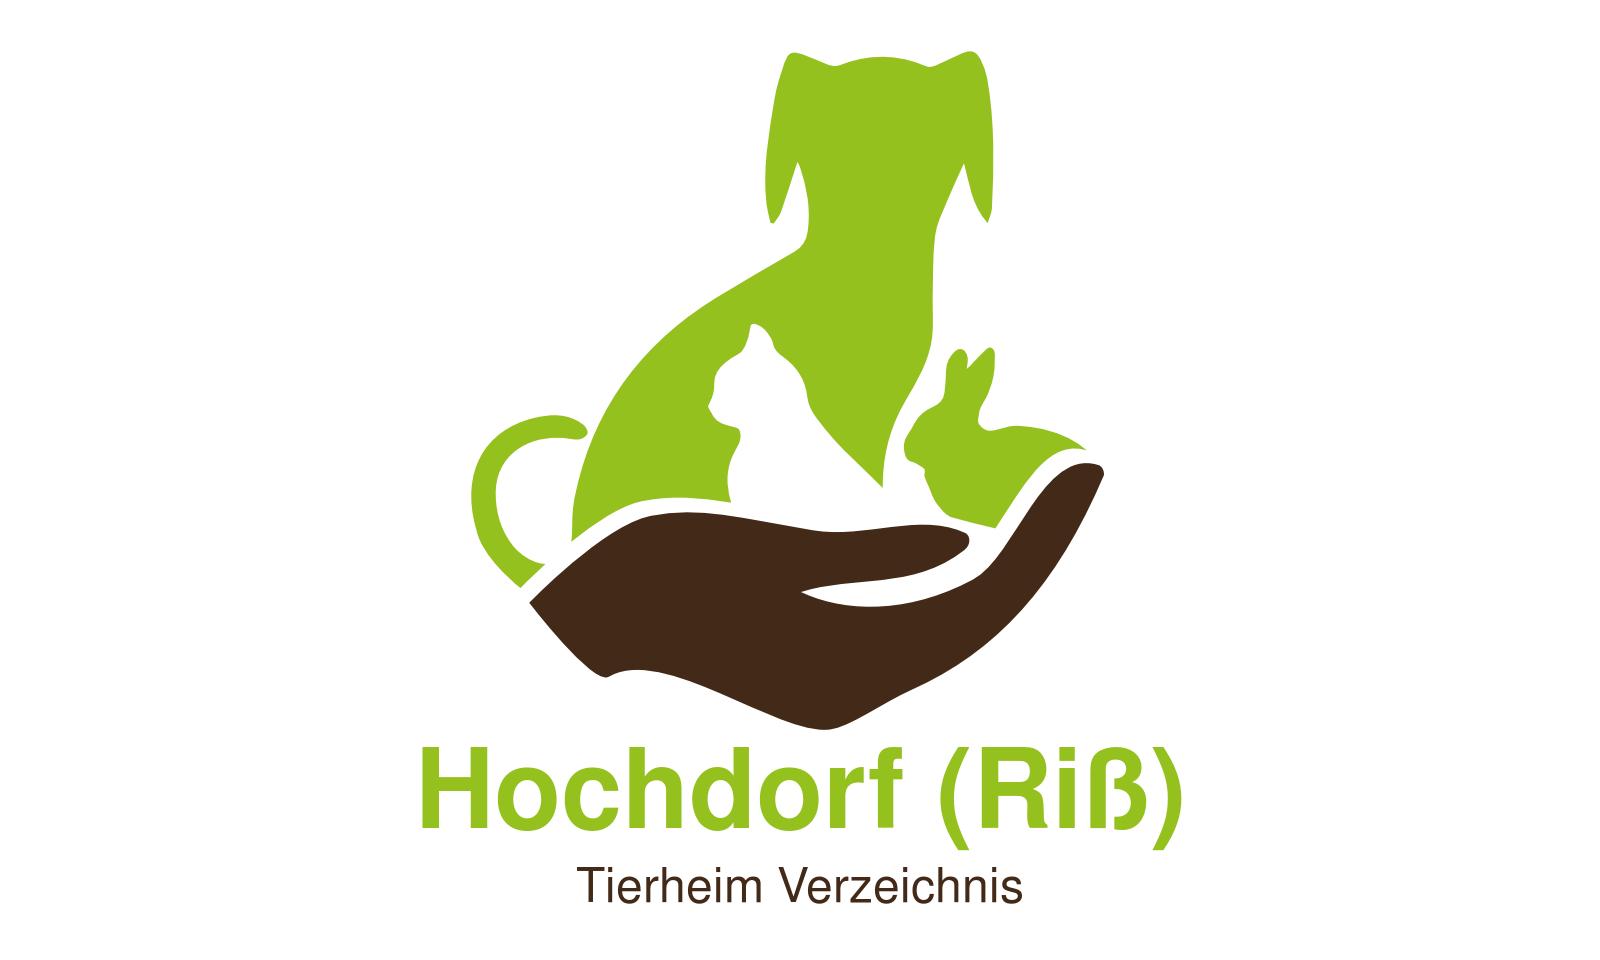 Tierheim Hochdorf (Riß)